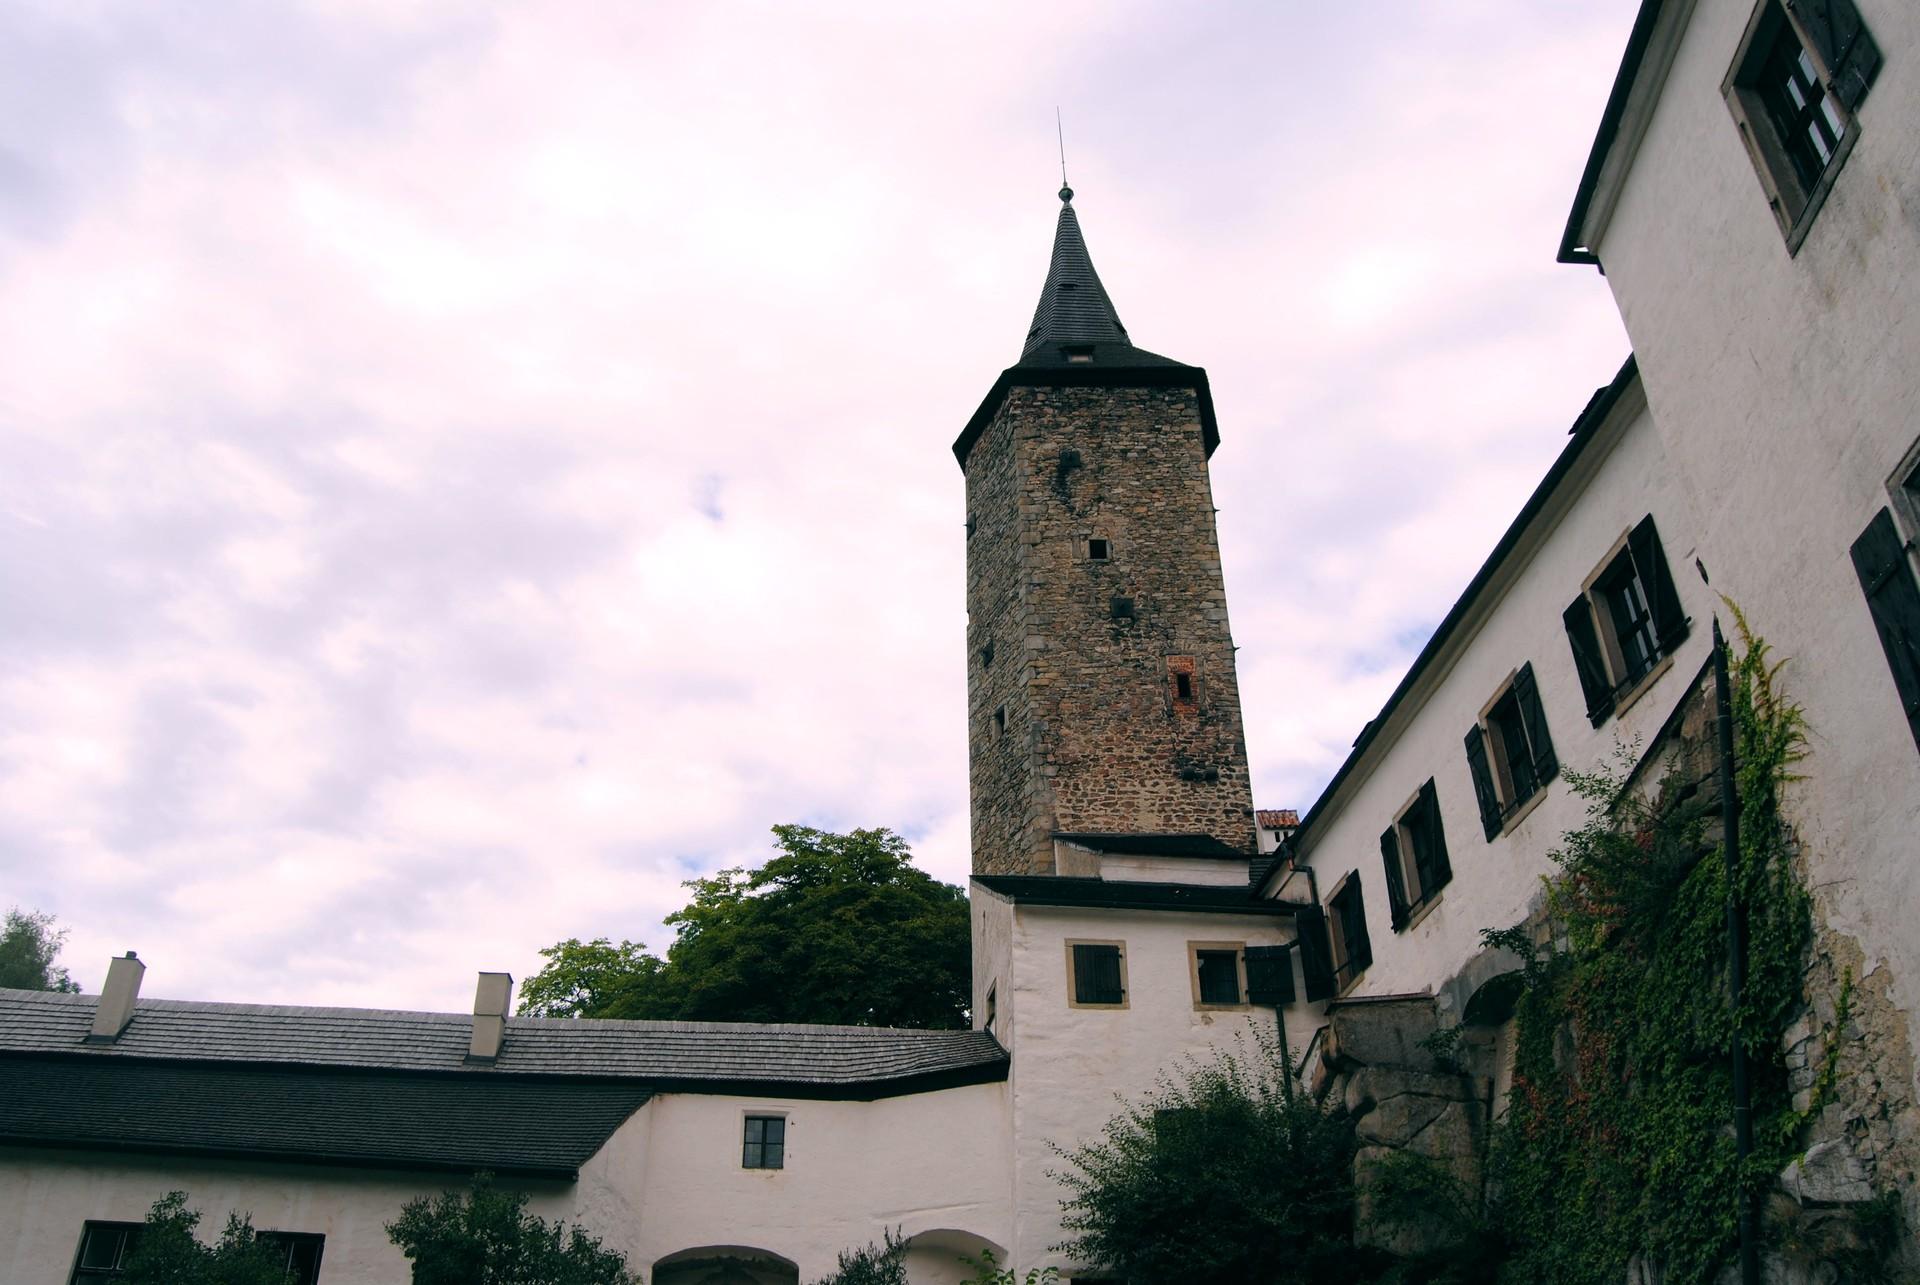 Original hrad ro tejn s p ilehlou zahradou a zbytky opevn n   doup